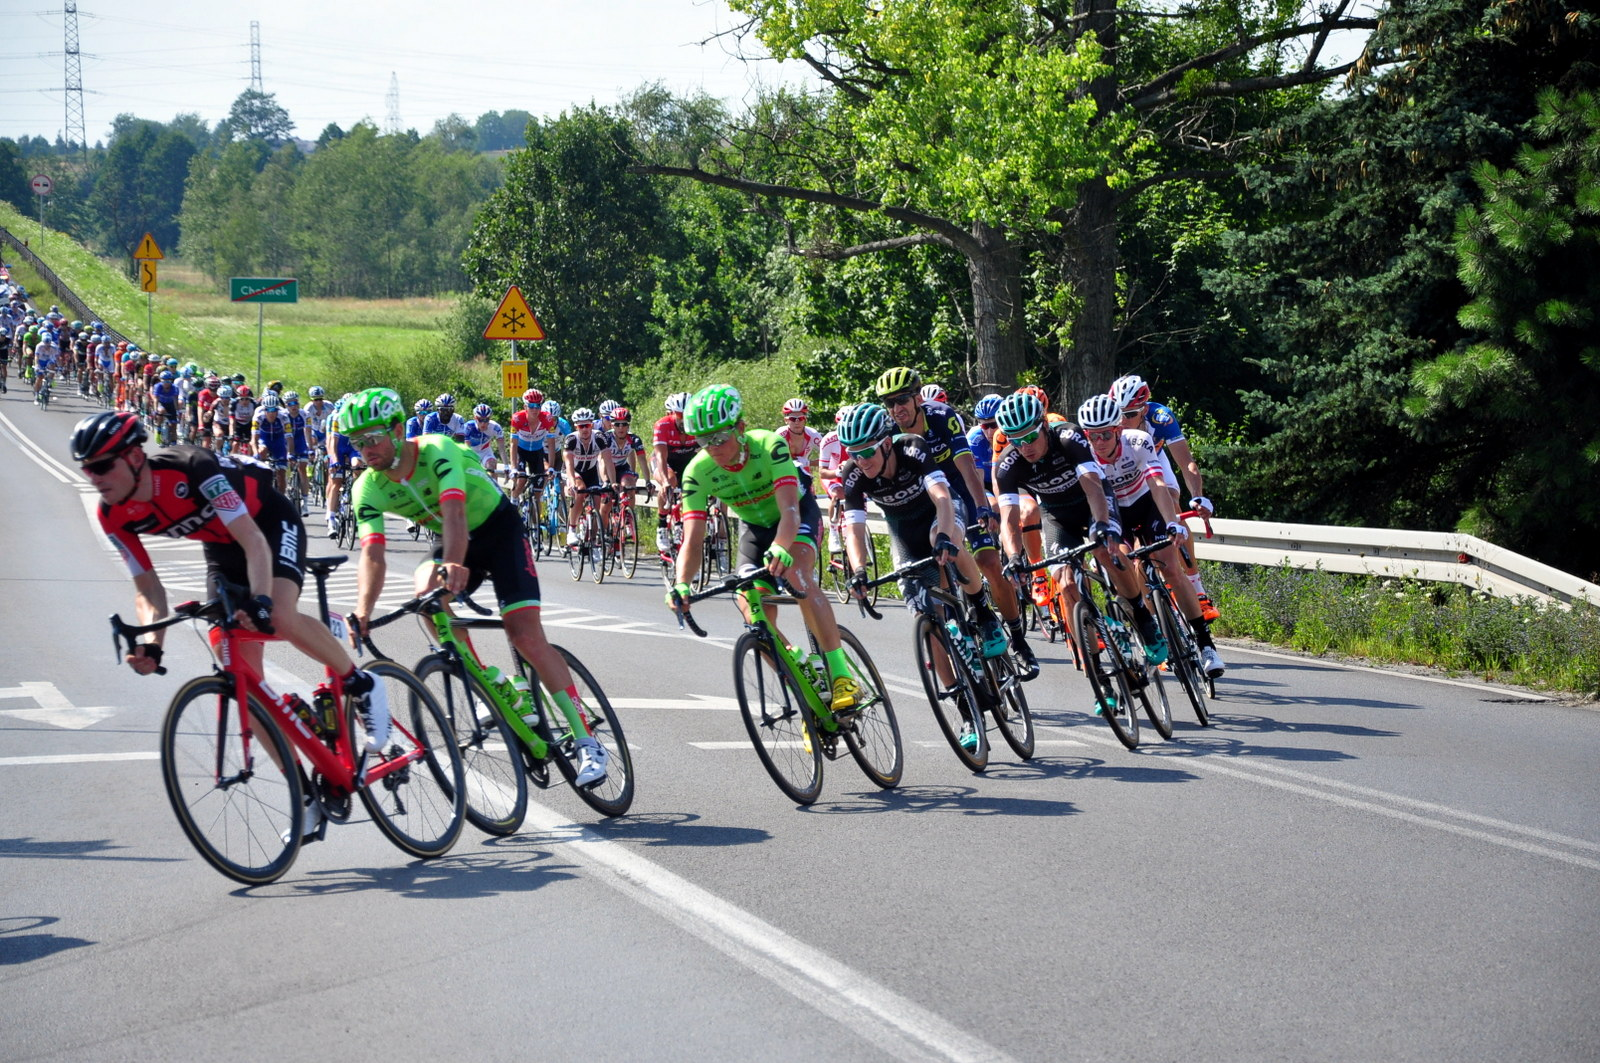 5 i 6 września w Osieku o medale mistrzostw Polski powalczą kolarze w kilkunastu kategoriach wiekowych. Fot. Szymon Chabior